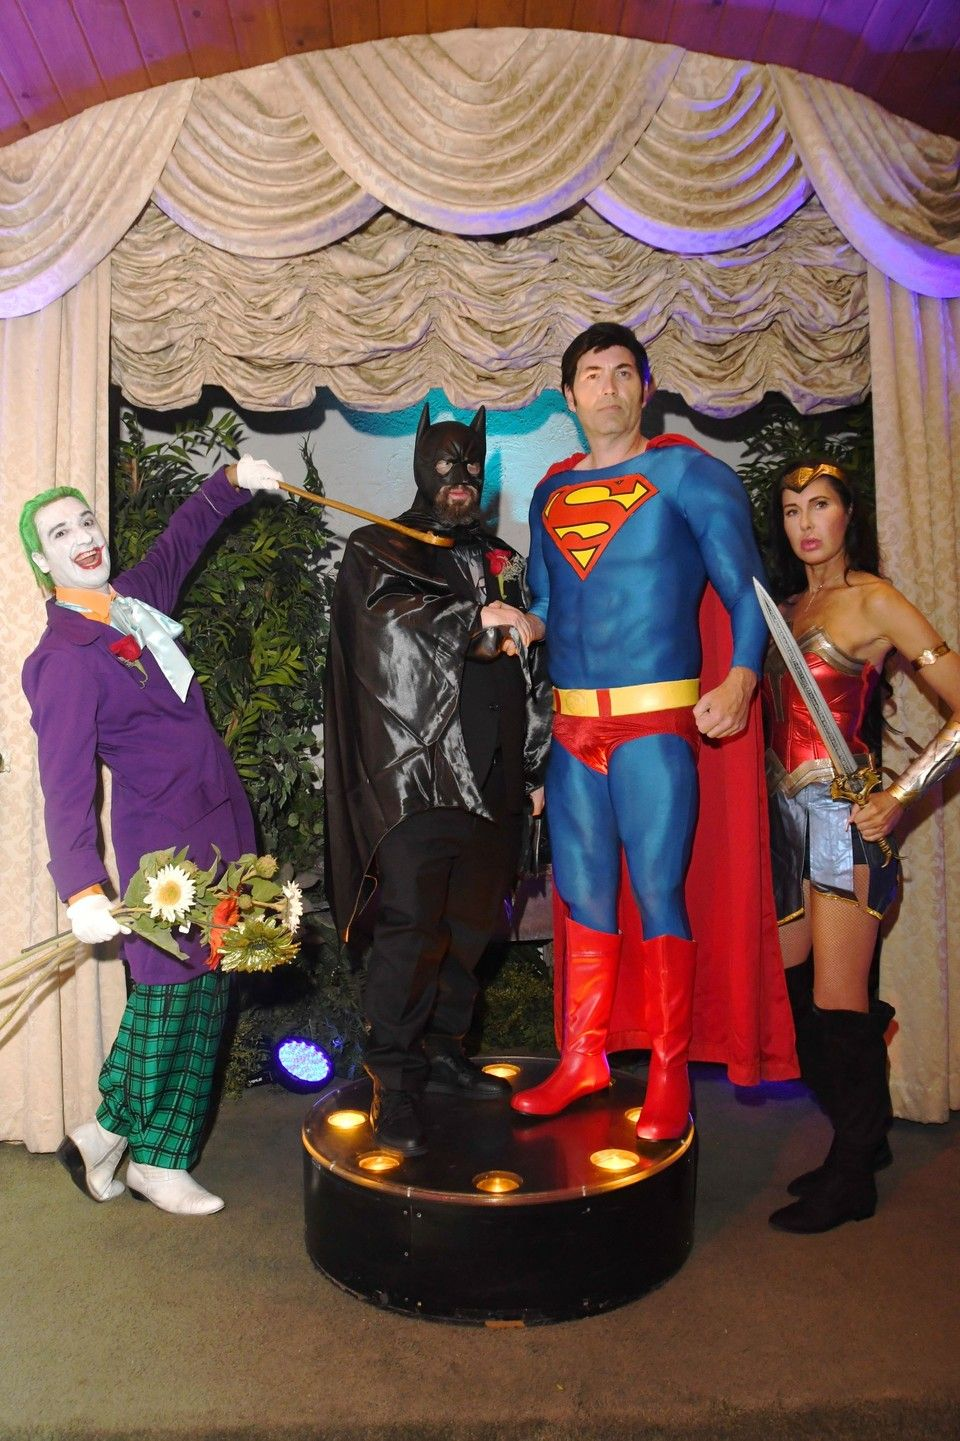 Superhero Wedding In 2020 Superhero Wedding Las Vegas Wedding Packages Vegas Wedding Chapel